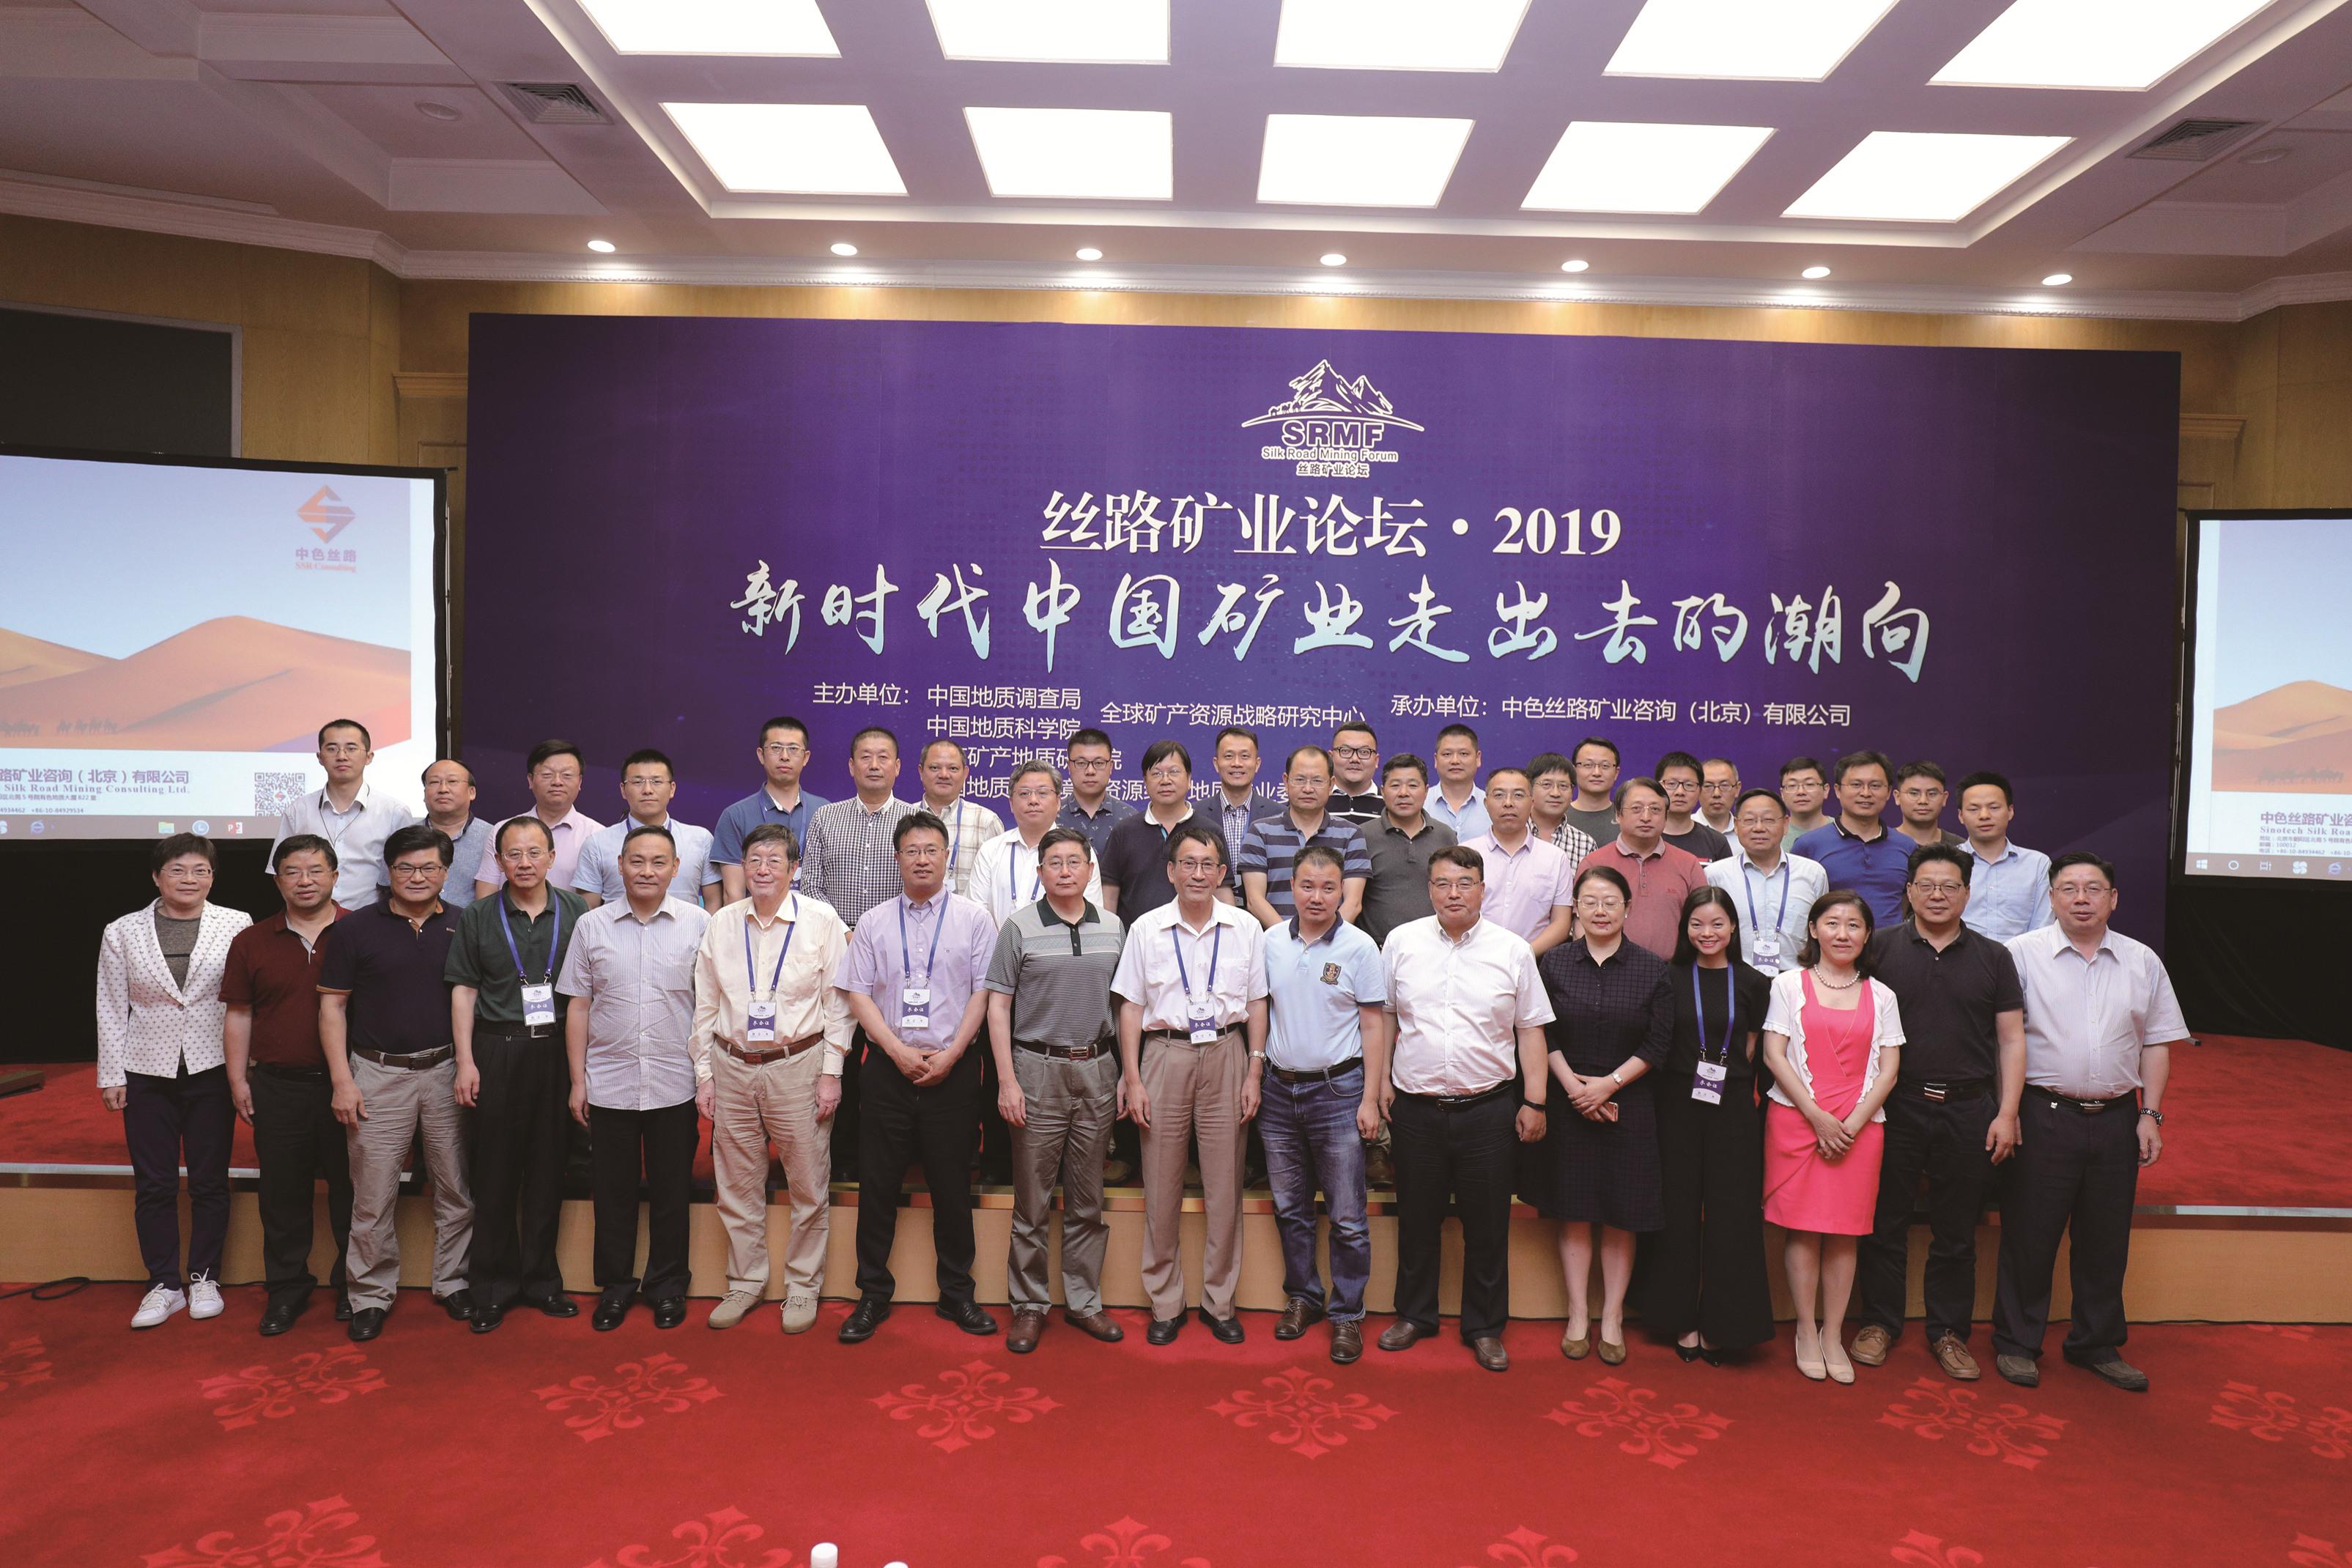 中国地质学会境外资源经济地质专业委员会成立_副本